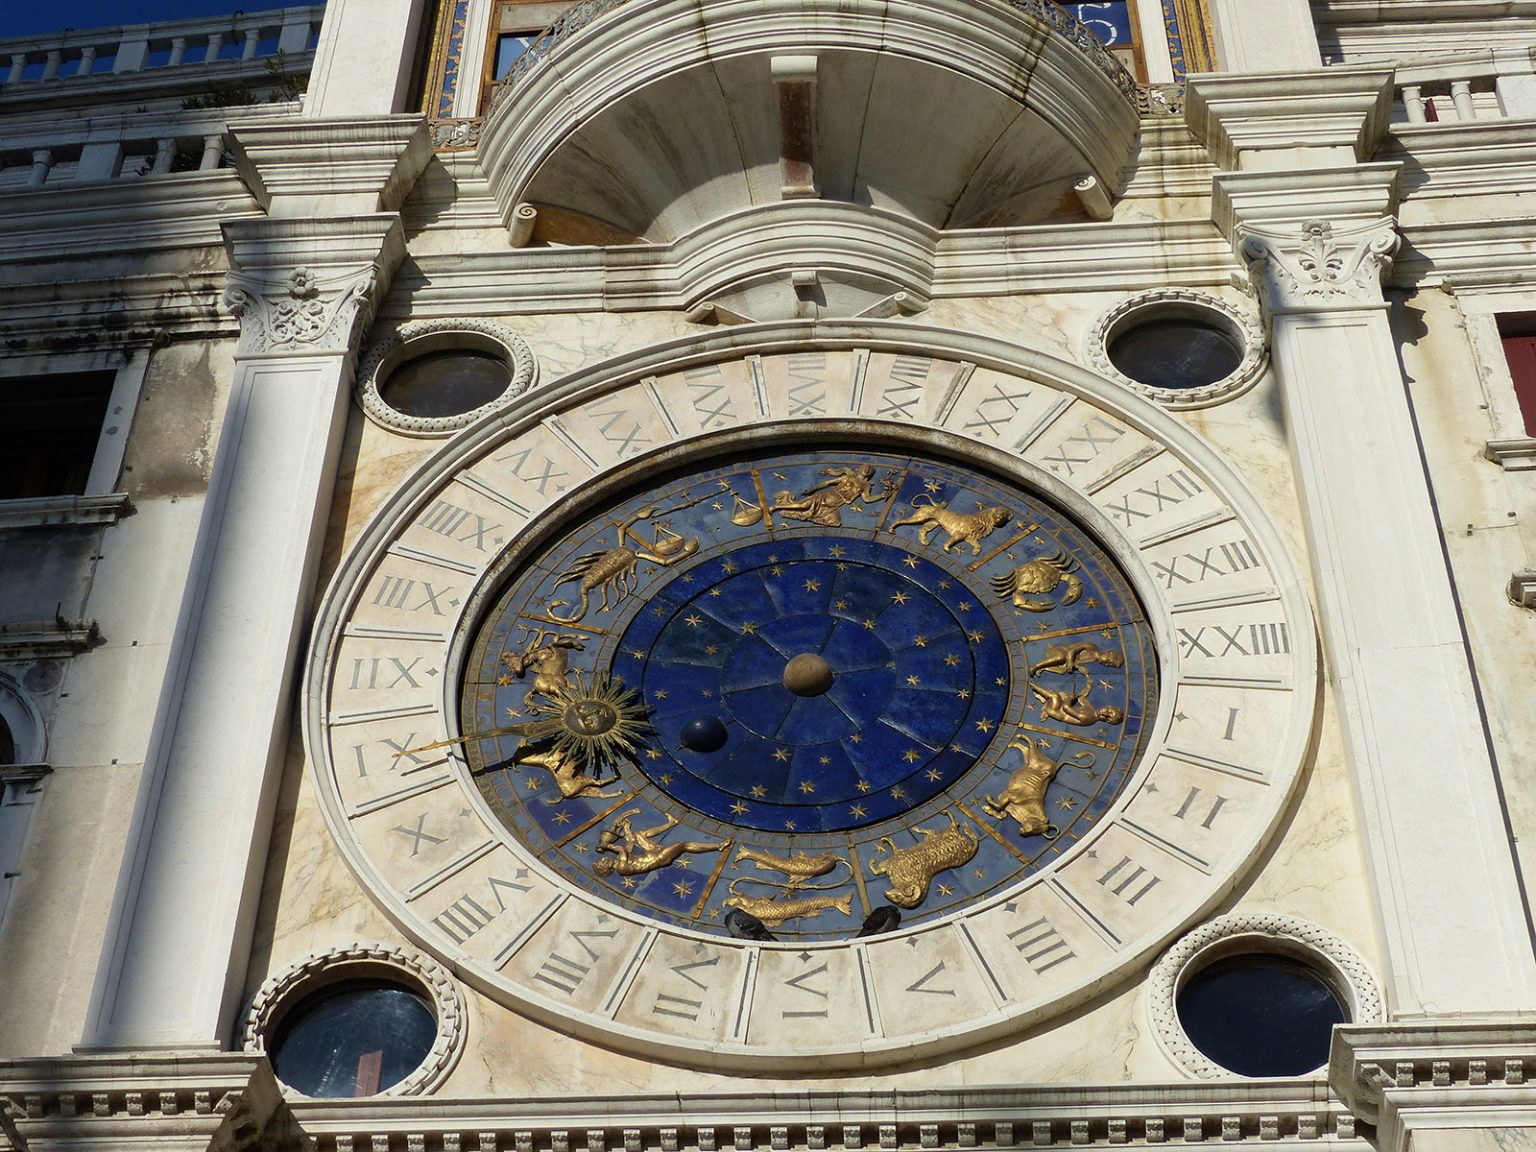 St.Marks Clock Tower, Venice, Italy